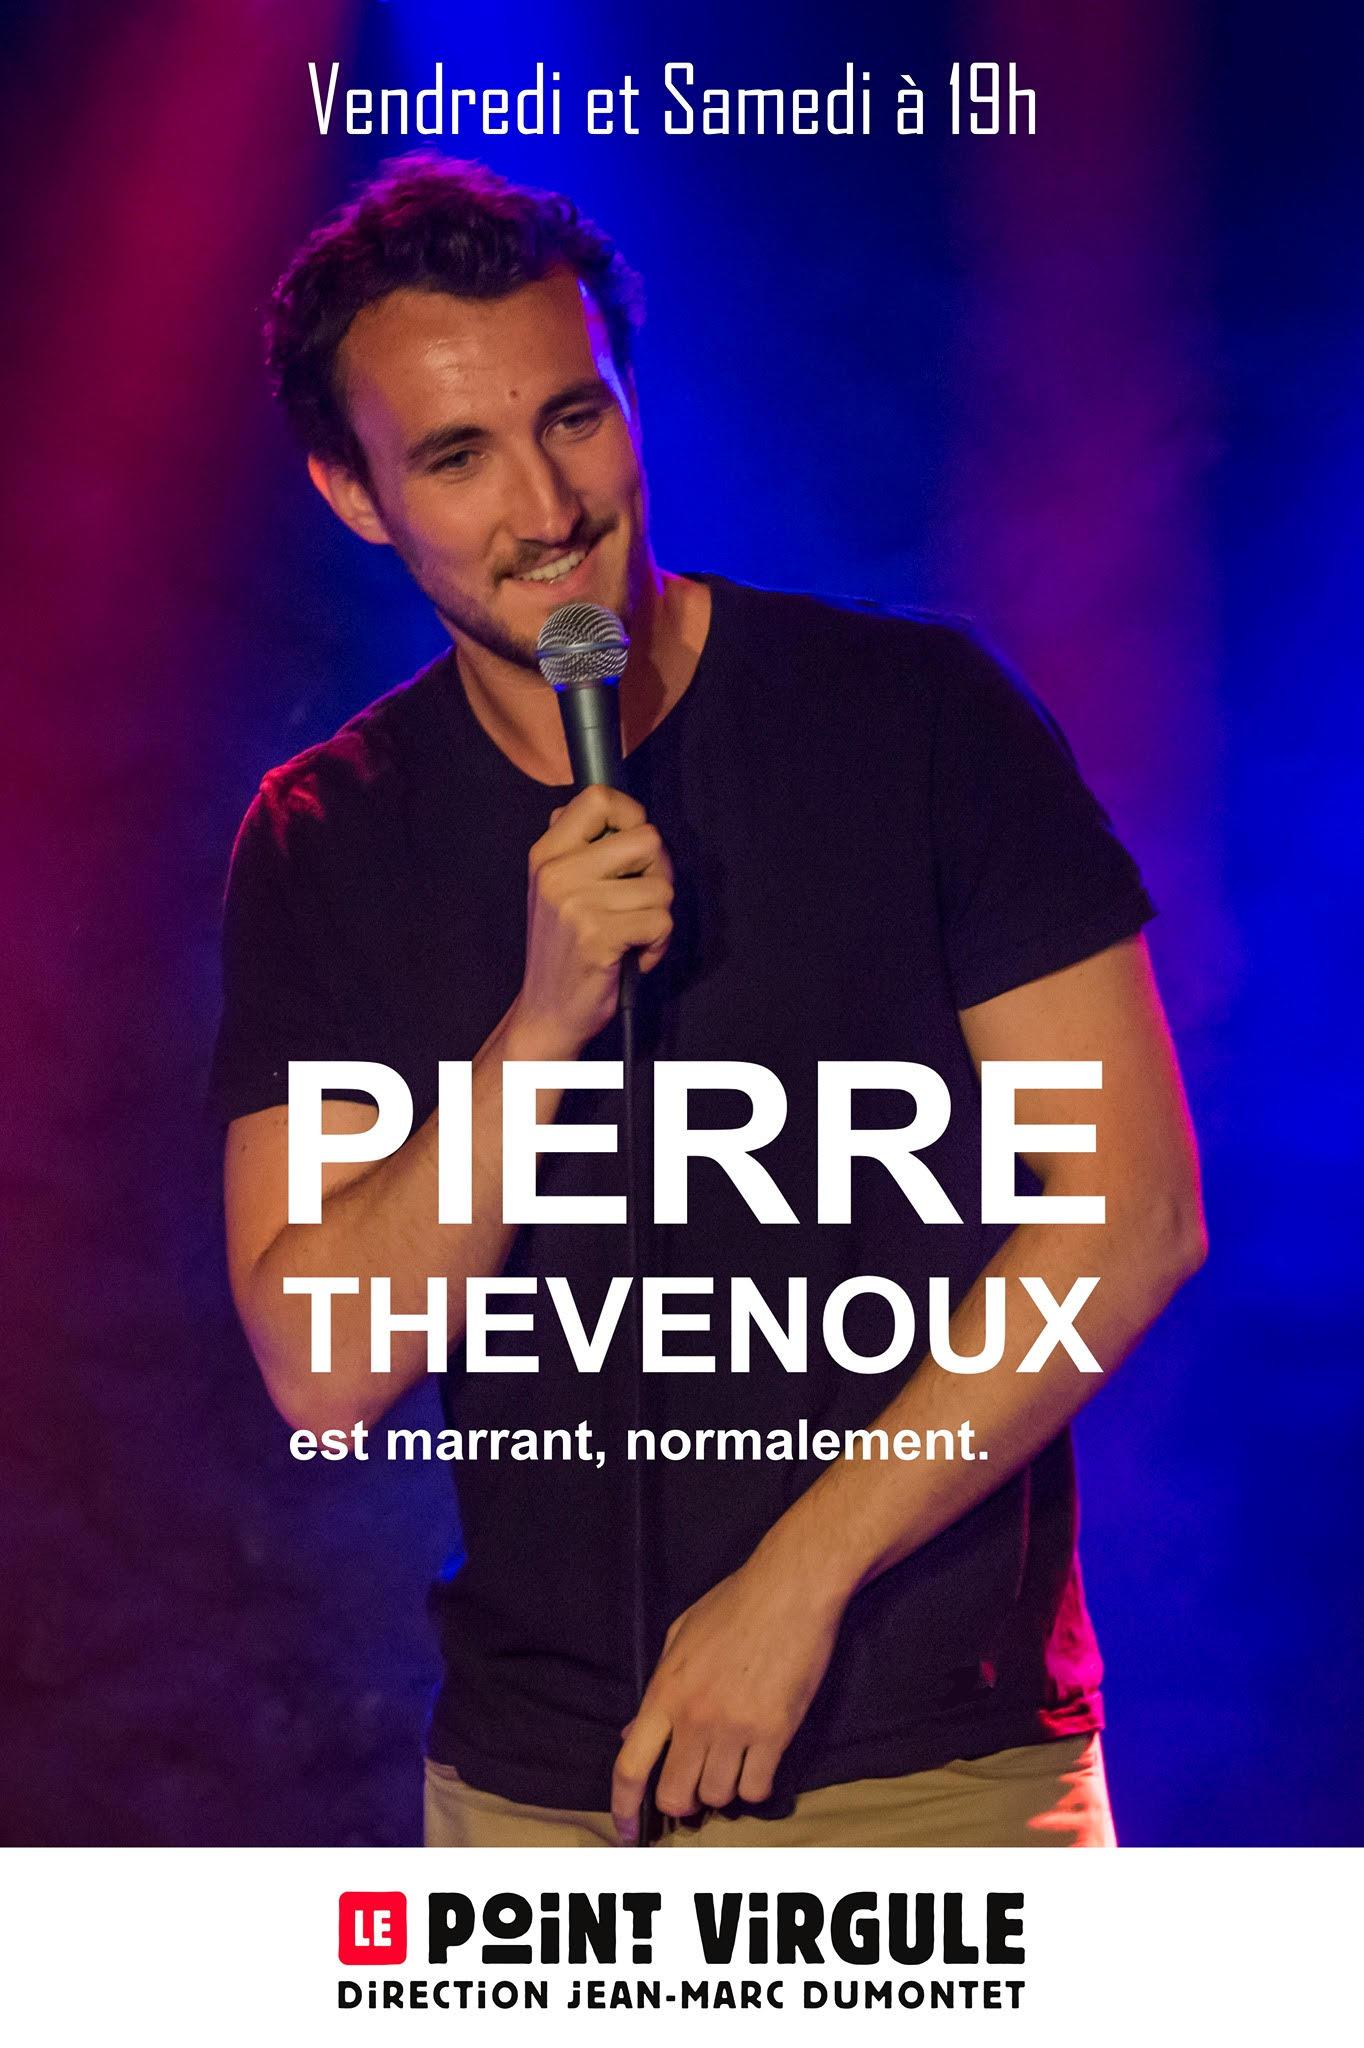 Pierre Thevenoux au Point Virgule